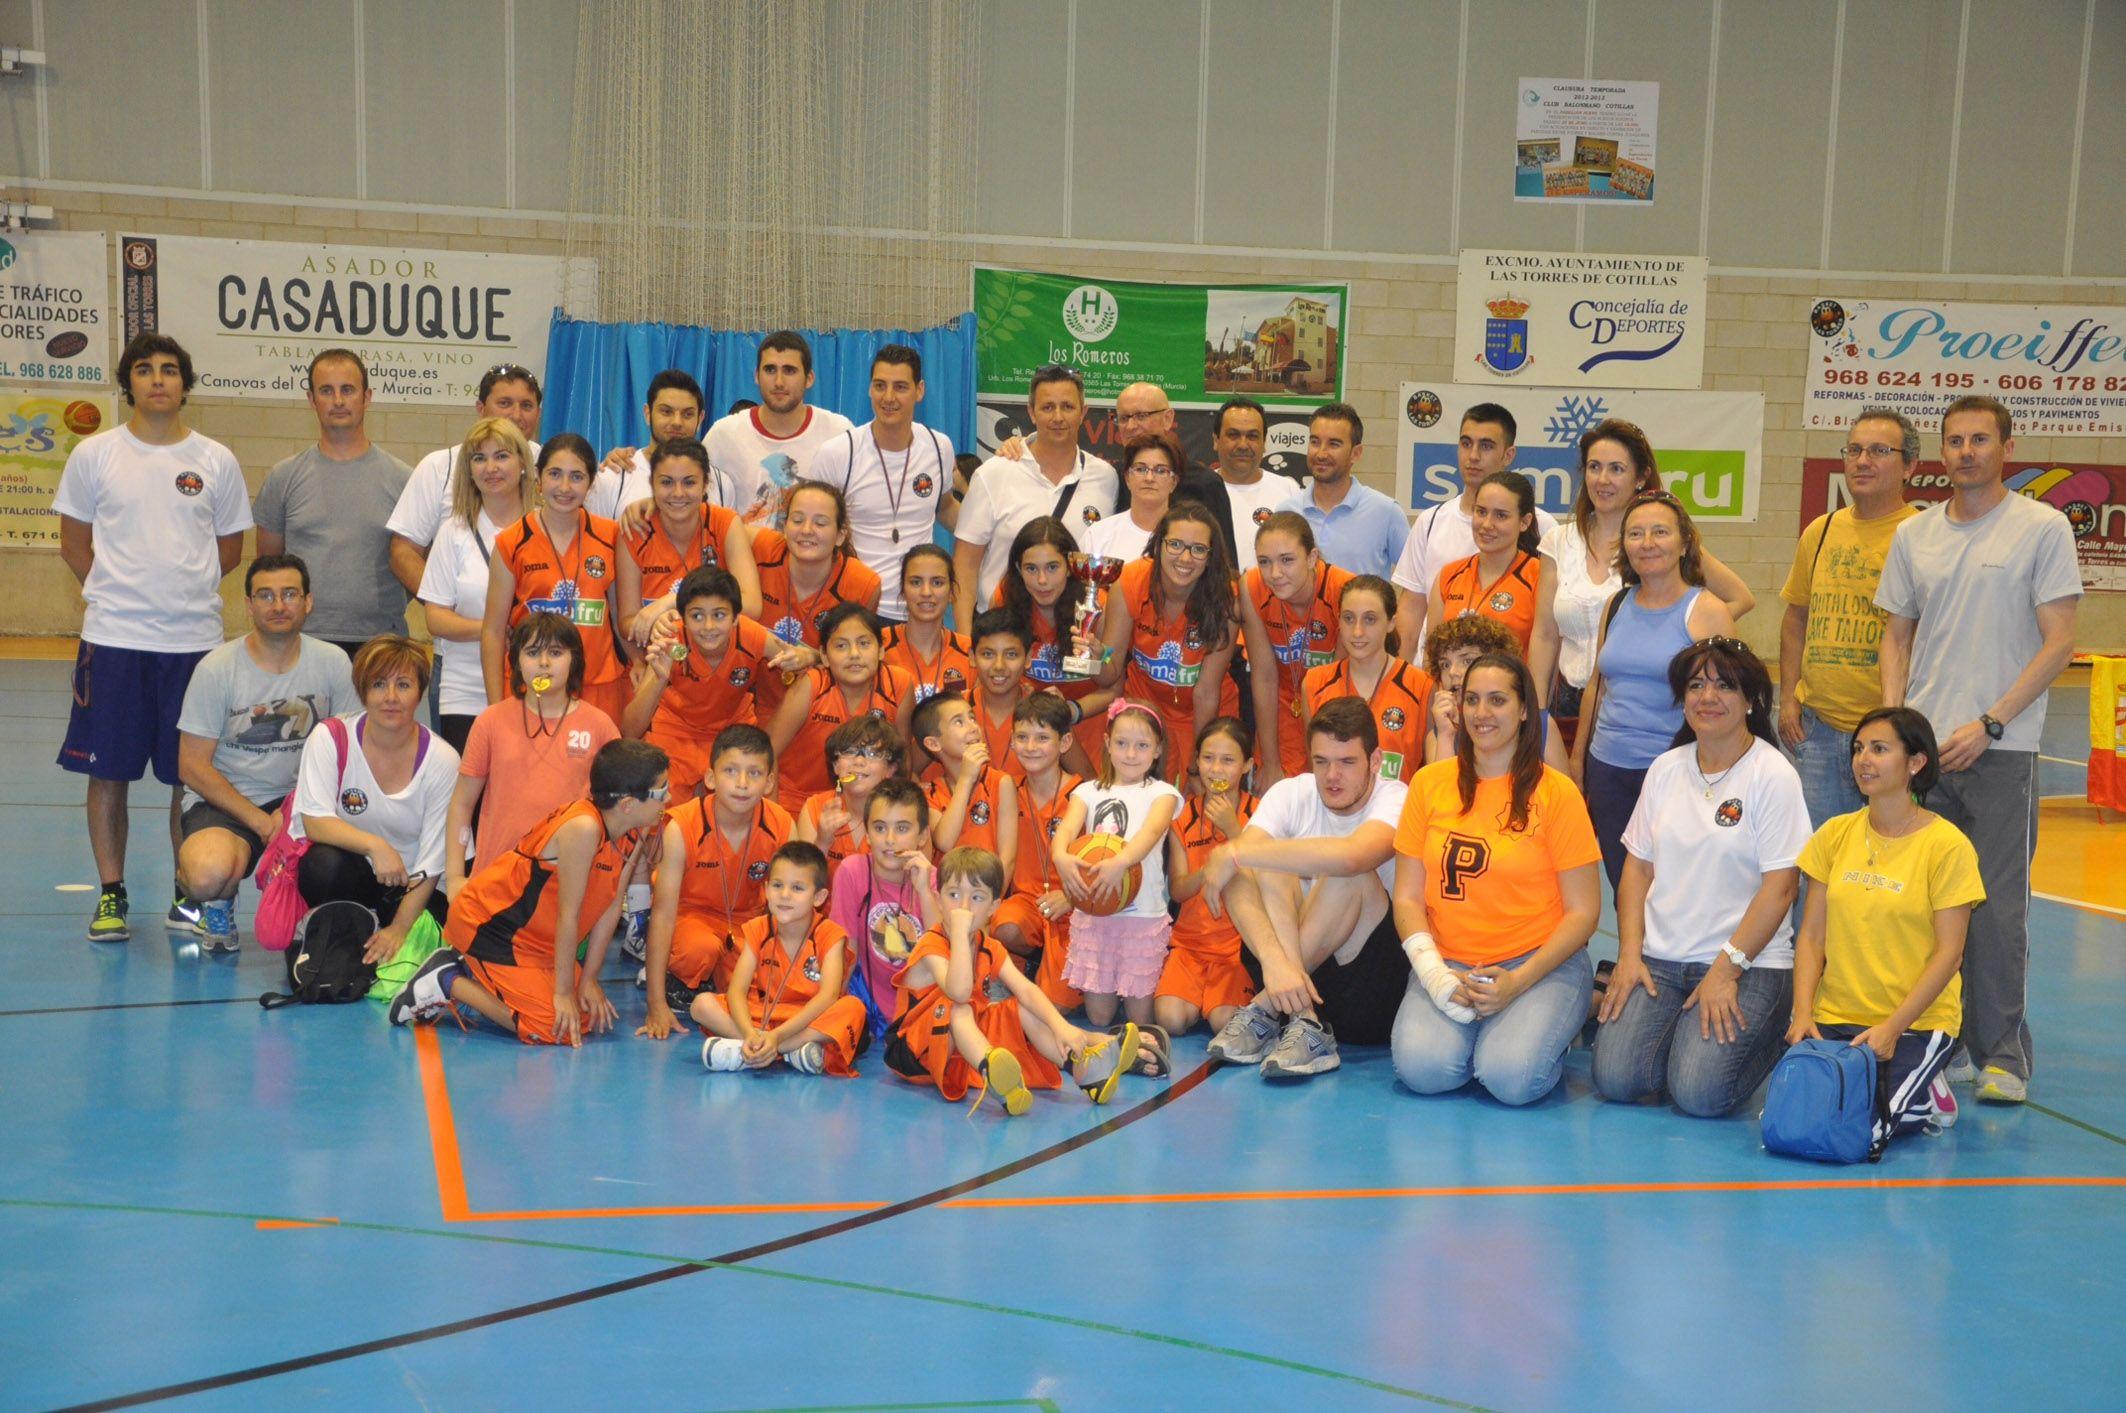 Fiesta del baloncesto para los m+ís peque+¦os en Las Torres de Cotillas